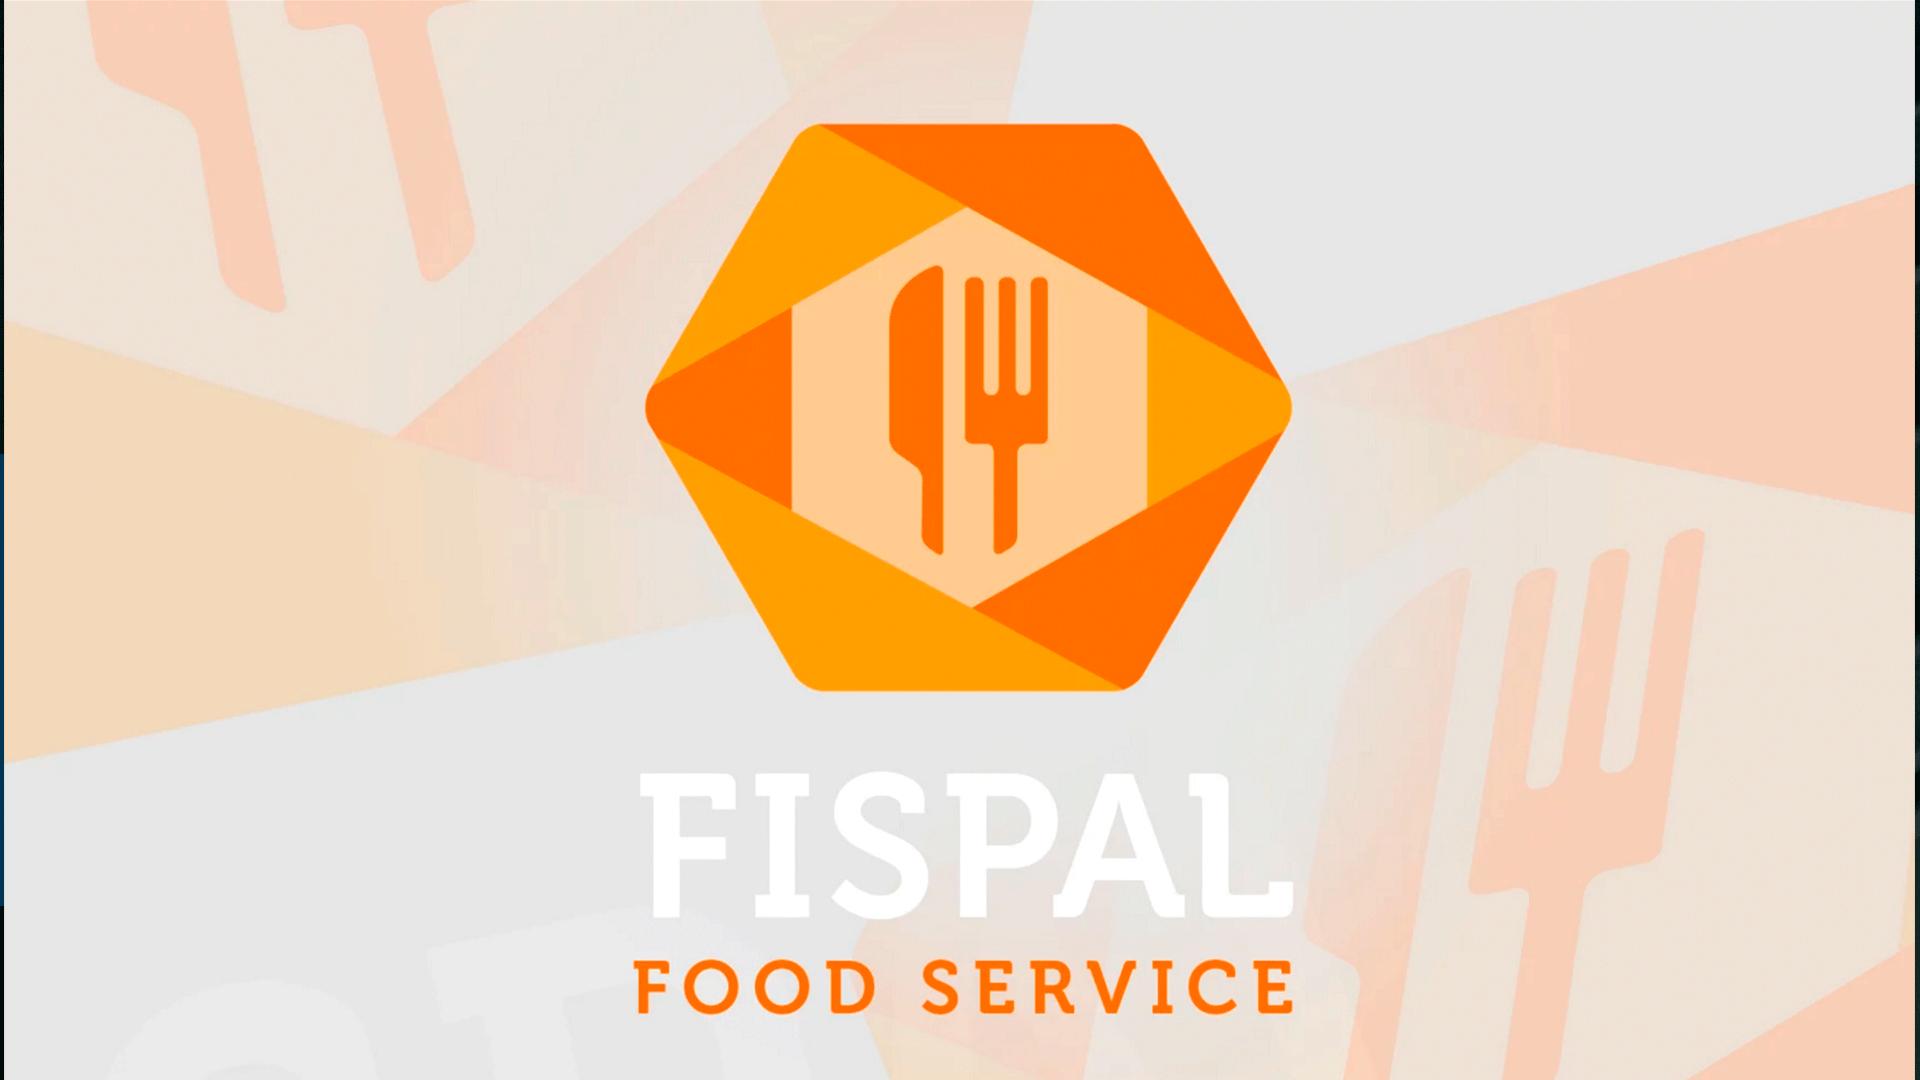 Fispal 2014